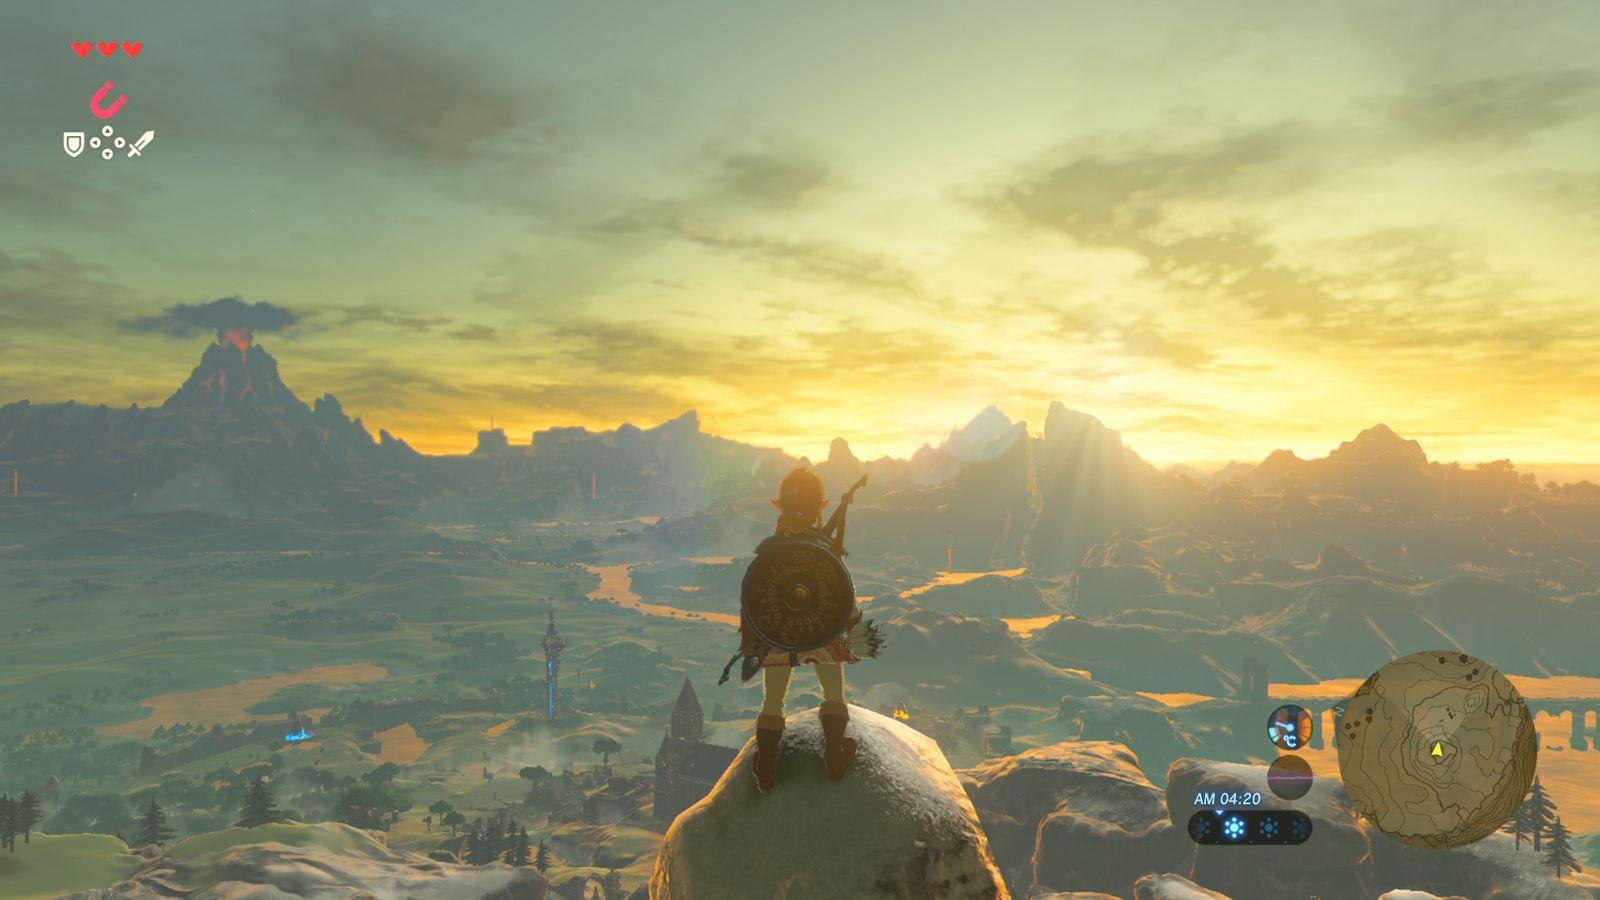 EINMALIGE VERWENDUNG 20 besten Games 2010-2019/ Zelda: Breath of the Wild